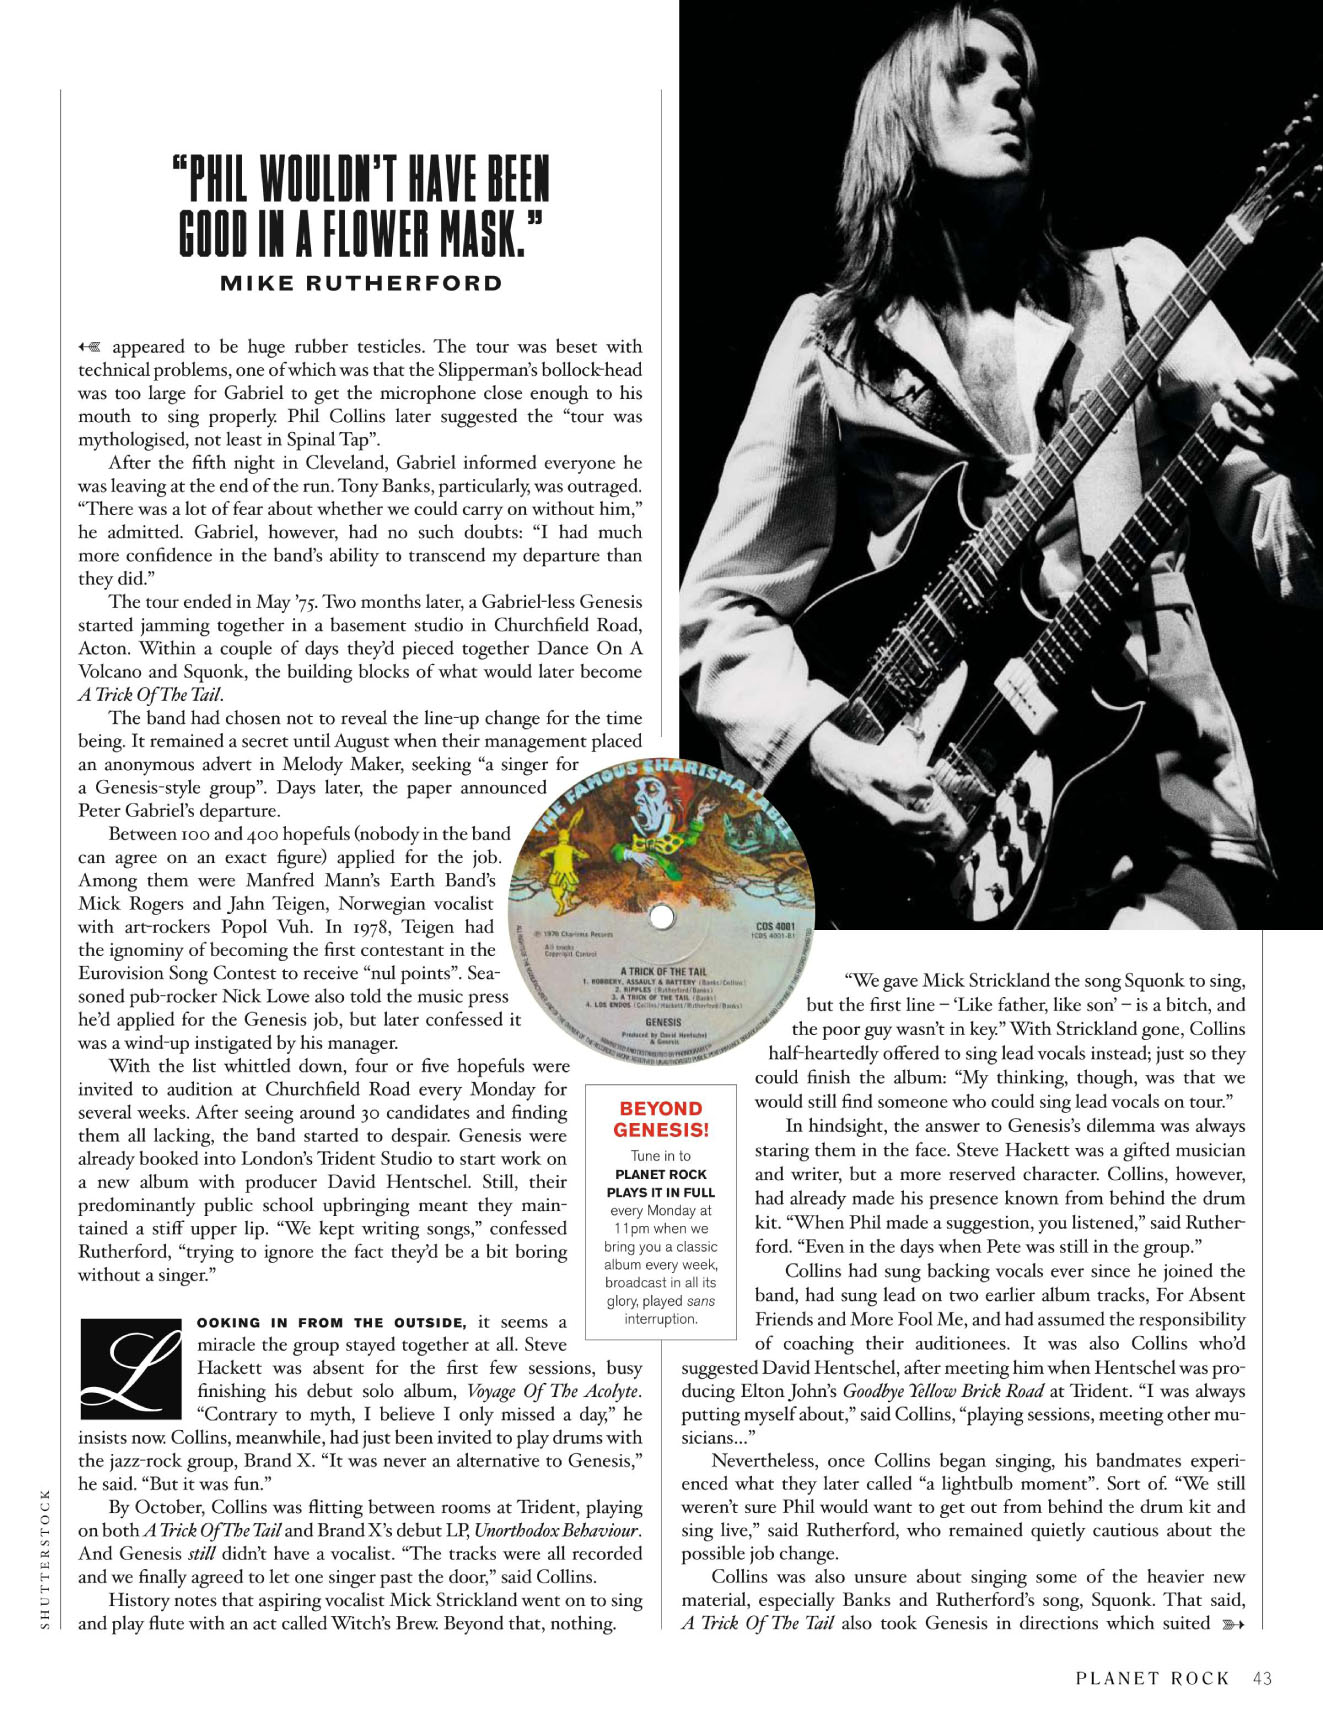 Planet Rock 2020-09 Genesis 05.jpg